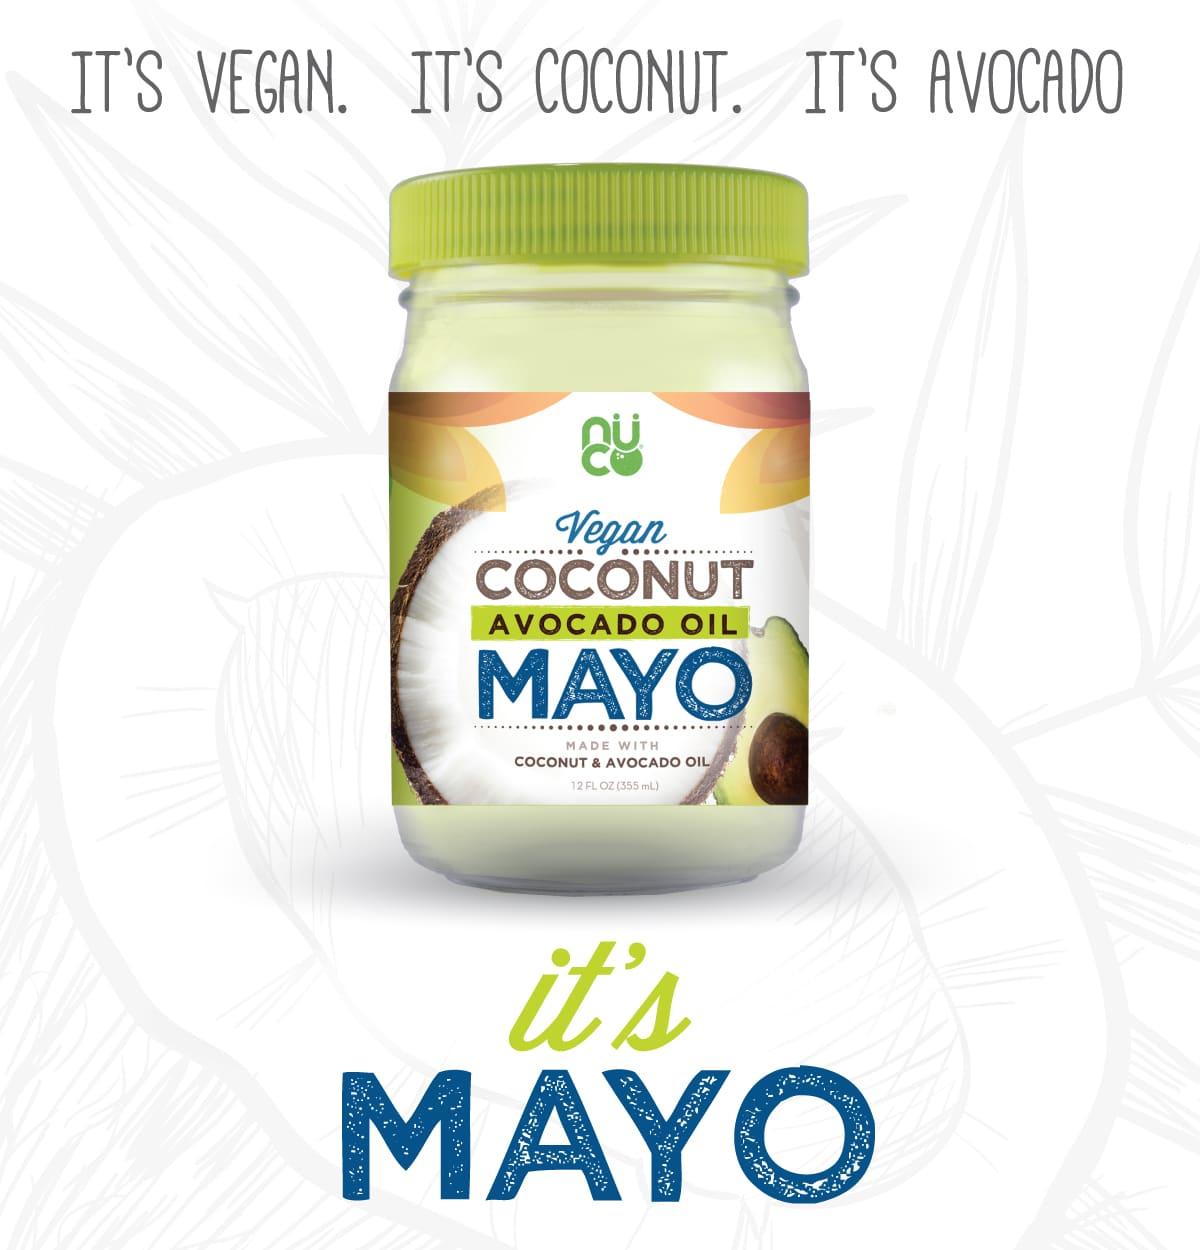 vegan-mayo-social-2-alt-rev